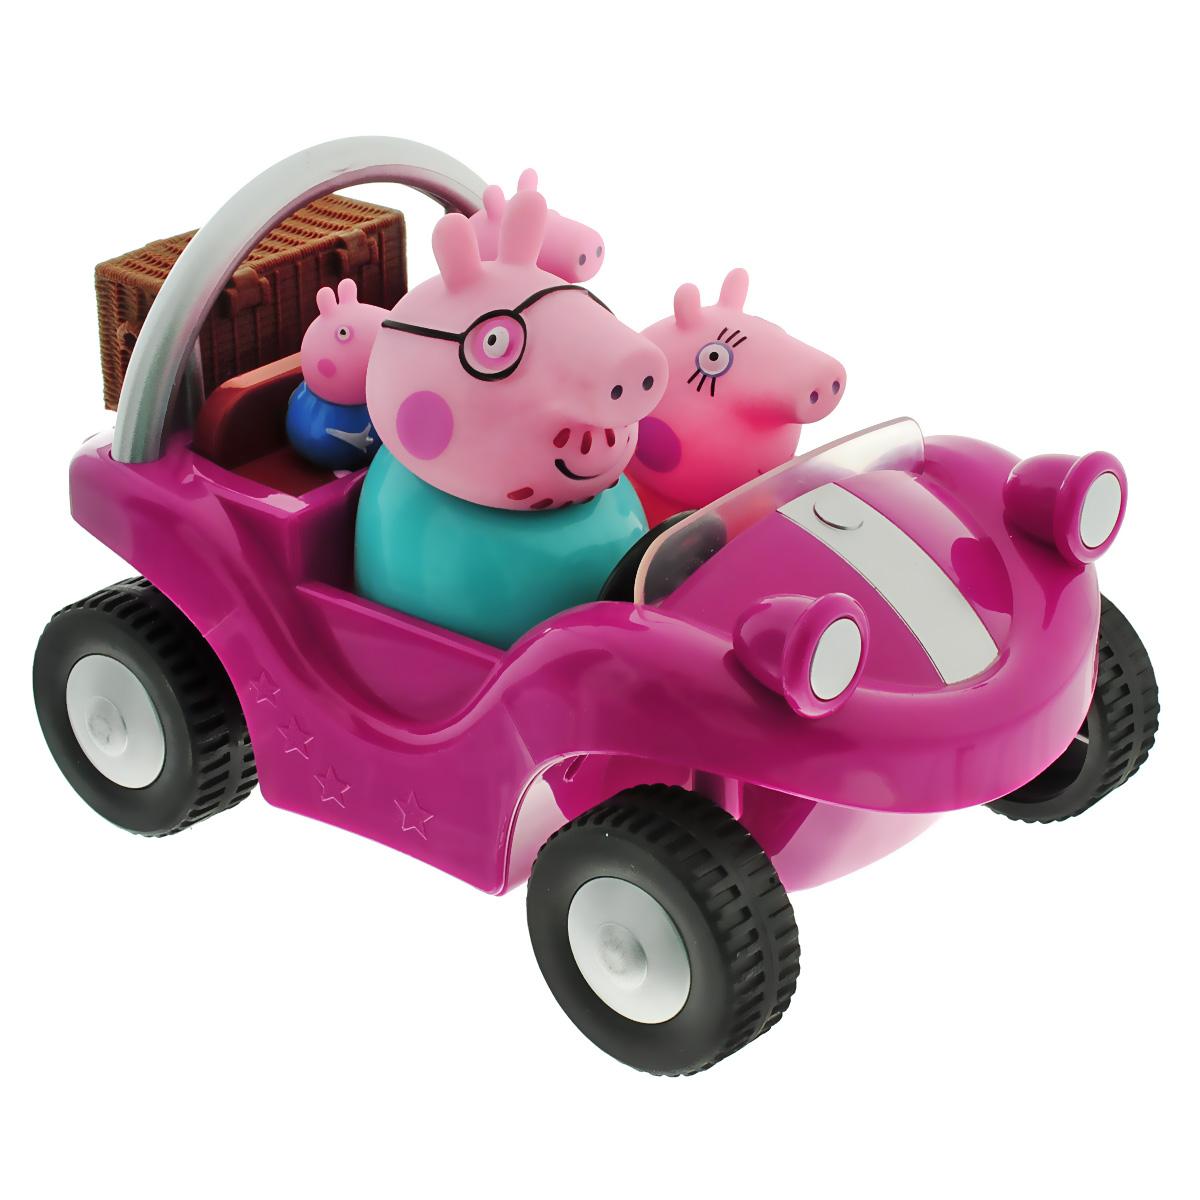 Игрушка Peppa Pig Спортивная машина, цвет: ярко-розовый24068Пеппа и ее семья решили прокатиться в стильном спортивном автомобиле: папа и мама сели спереди, а Пеппа и Джордж - сзади. Теперь они могут отправиться в магазин, на пикник или даже поучаствовать в спортивных соревнованиях. Веселая семья Пеппы не привыкла скучать! Пеппа - это веселая свинка, которая любит играть со своим братиком и друзьями, обожает прыгать по лужам и наряжаться. Игрушка Peppa Pig Спортивная машина выполнена в виде яркого стильного автомобиля с четырьмя несъемными фигурками: мамы, папы, брата Джорджа и Пеппы. Во время сюжетно-ролевой игры у ребенка отрабатываются навыки общения, вырабатываются семейные и общечеловеческие ценности, развиваются кругозор, словарный запас и воображение. И все это сопровождается бурным восторгом от увлекательной игры с любимыми персонажами! Порадуйте своего ребенка таким замечательным подарком!